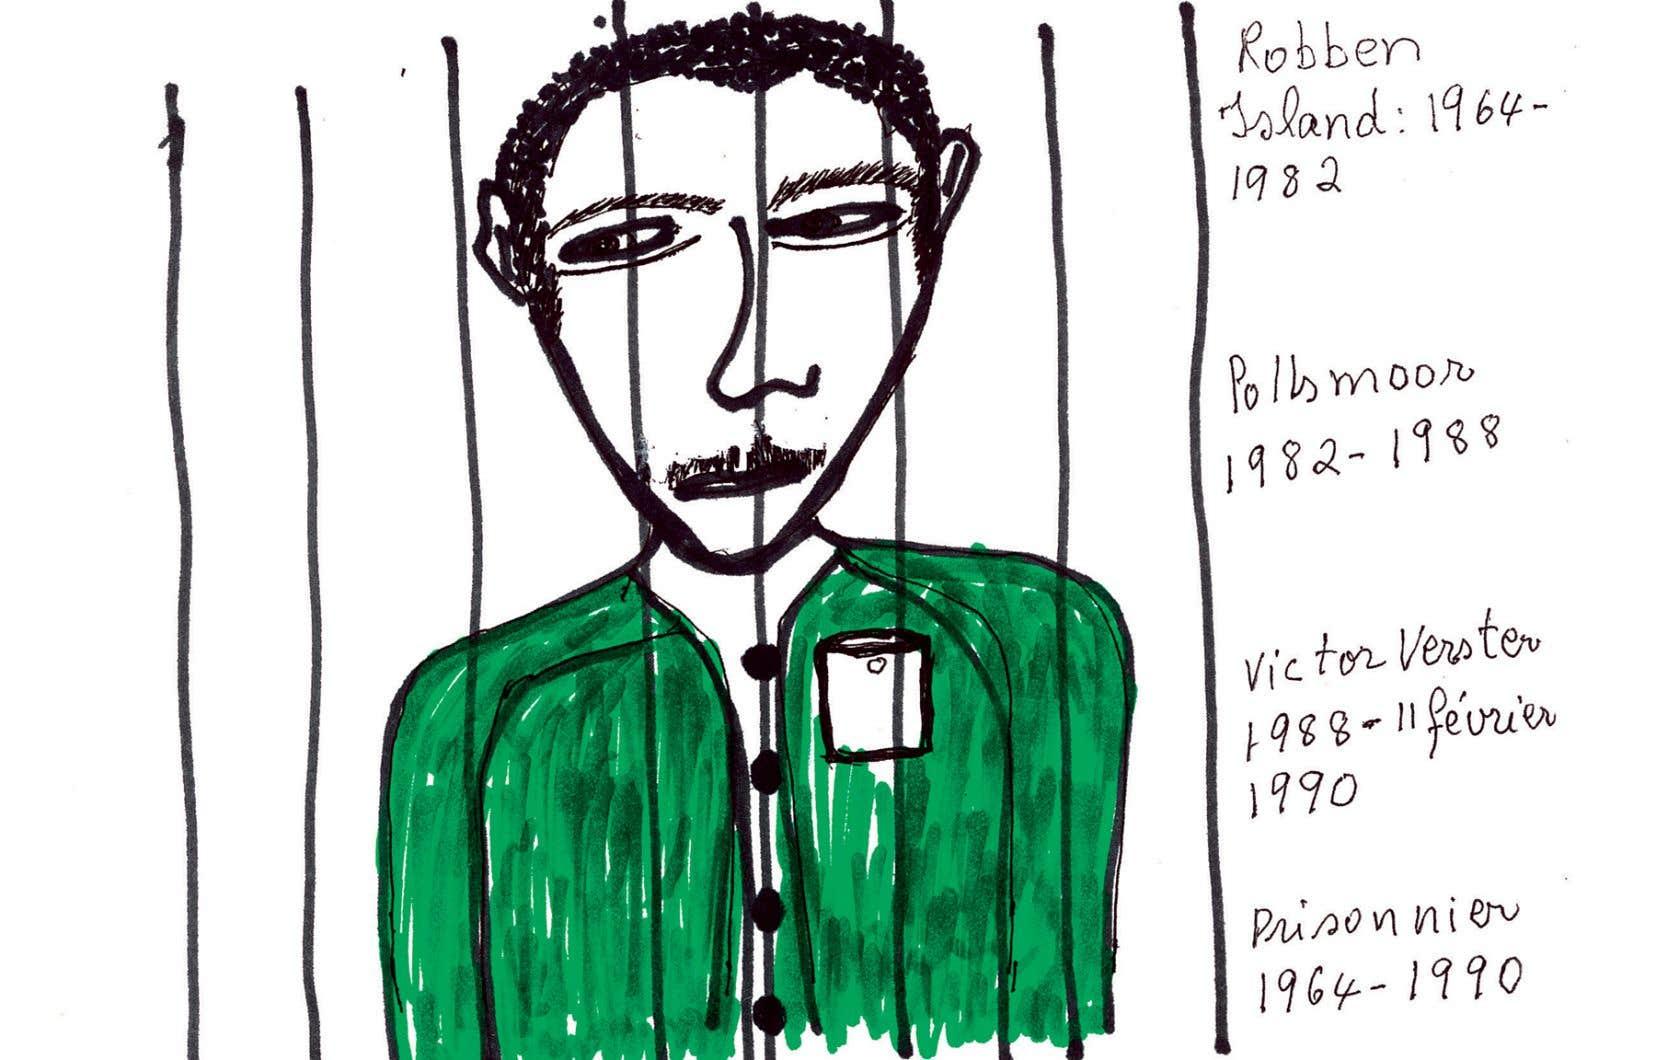 Sous la forme d'une série de vignettes, «L'exil vaut le voyage» évoque sa dernière nuit en Haïti avant son exil en 1976. On y trouve quelques pages didactiques consacrées à des exilés notoires: Madame de Staël, Victor Hugo, Nelson Mandela (photo), Mandelstam, Soljenitsyne ou Nabokov.